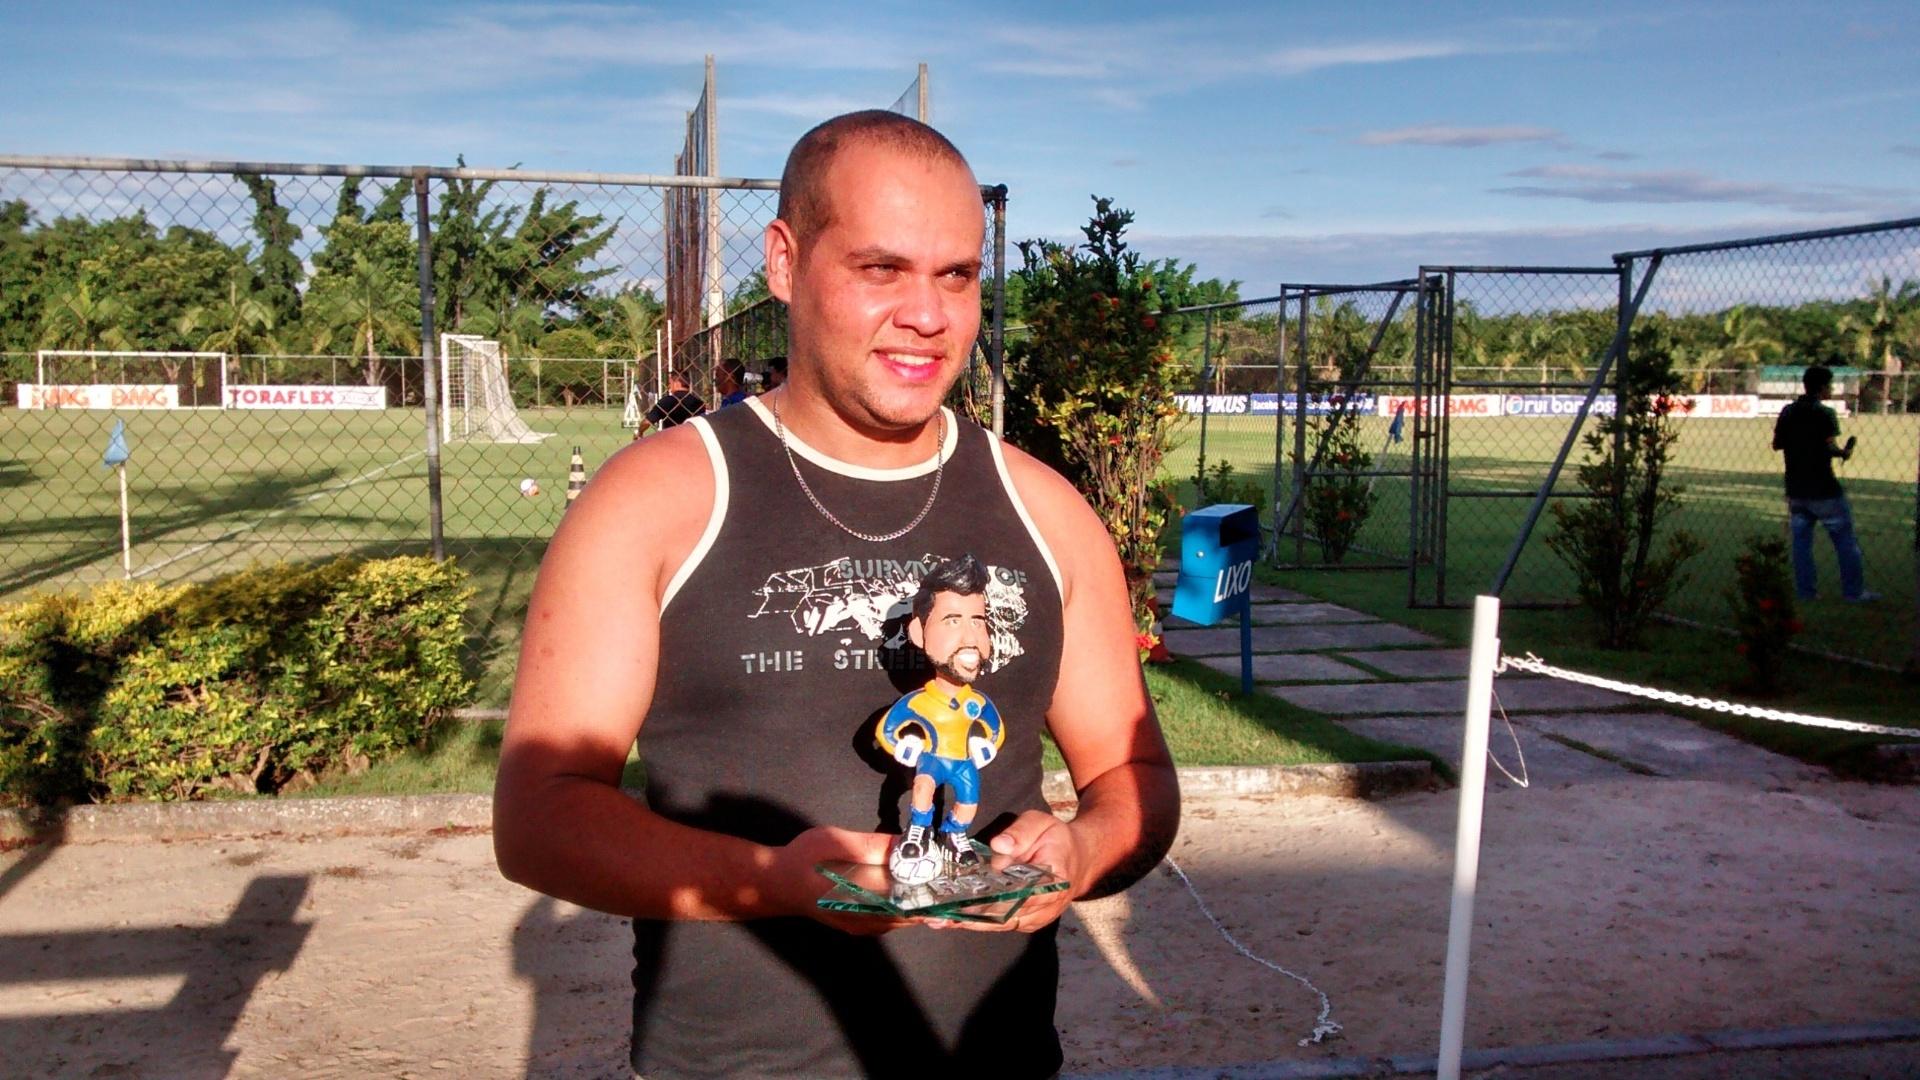 1b9b85b2d6 Artesão atleticano presenteia goleiro Fábio com escultura em miniatura -  13 03 2014 - UOL Esporte